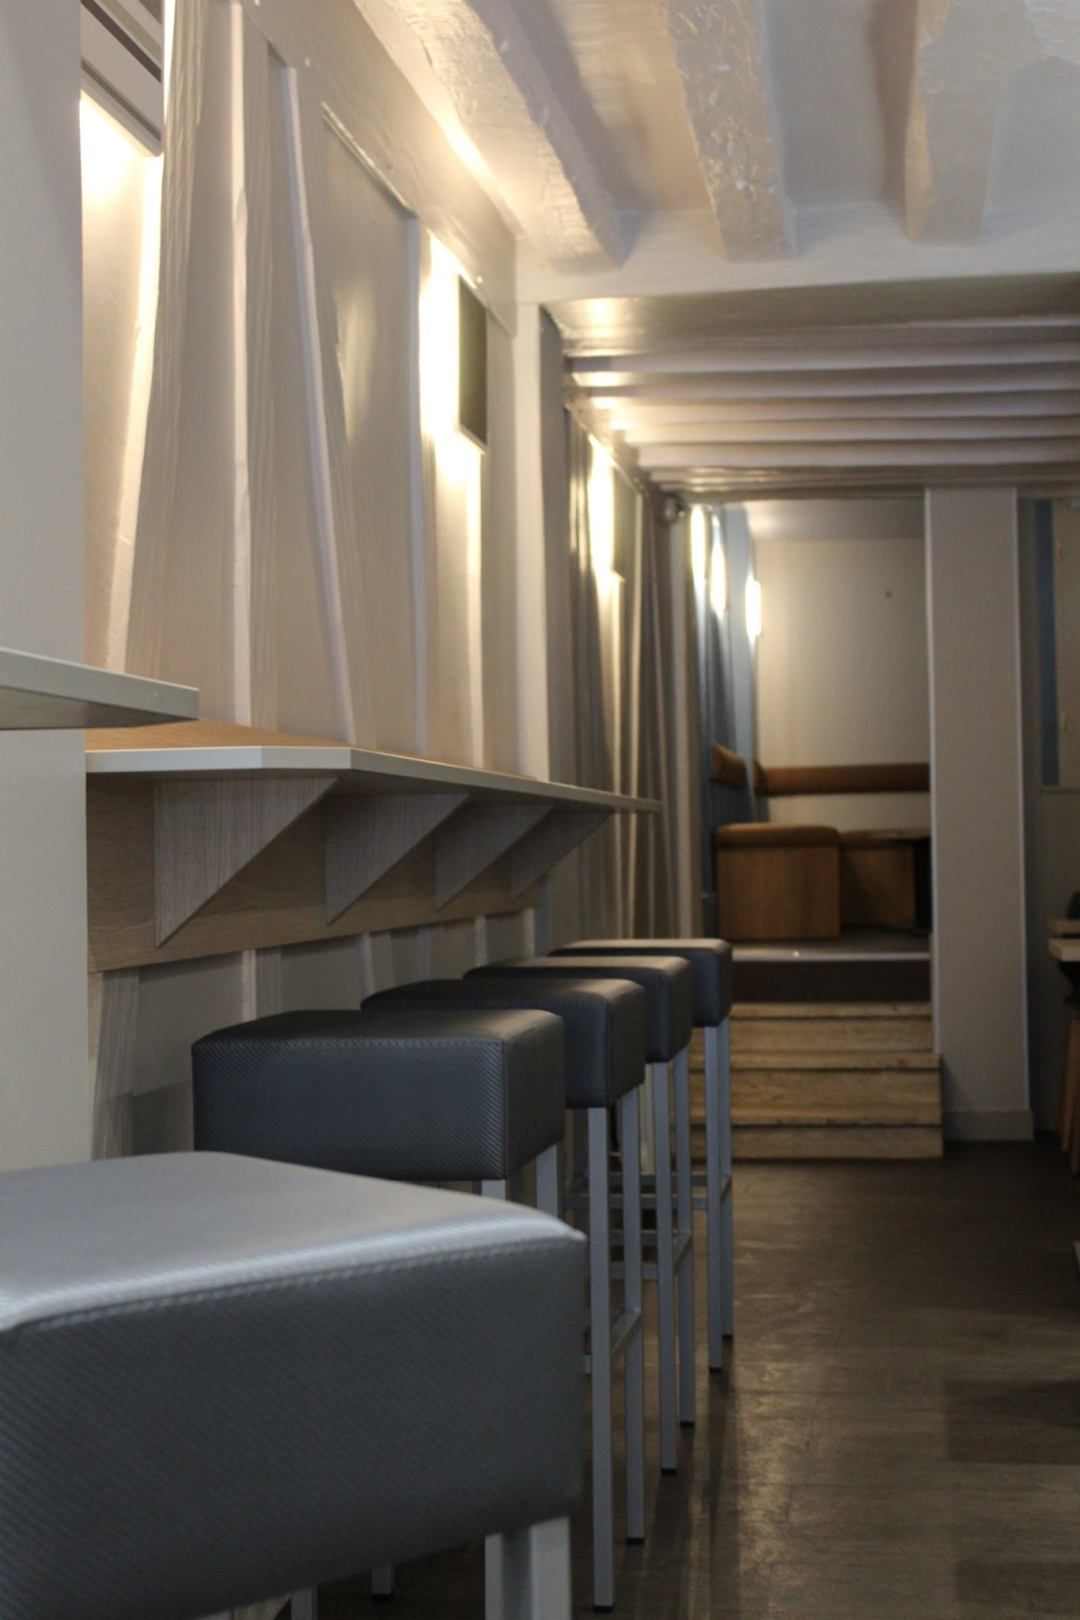 Travaux de rénovation au Café Scazz à Rouen